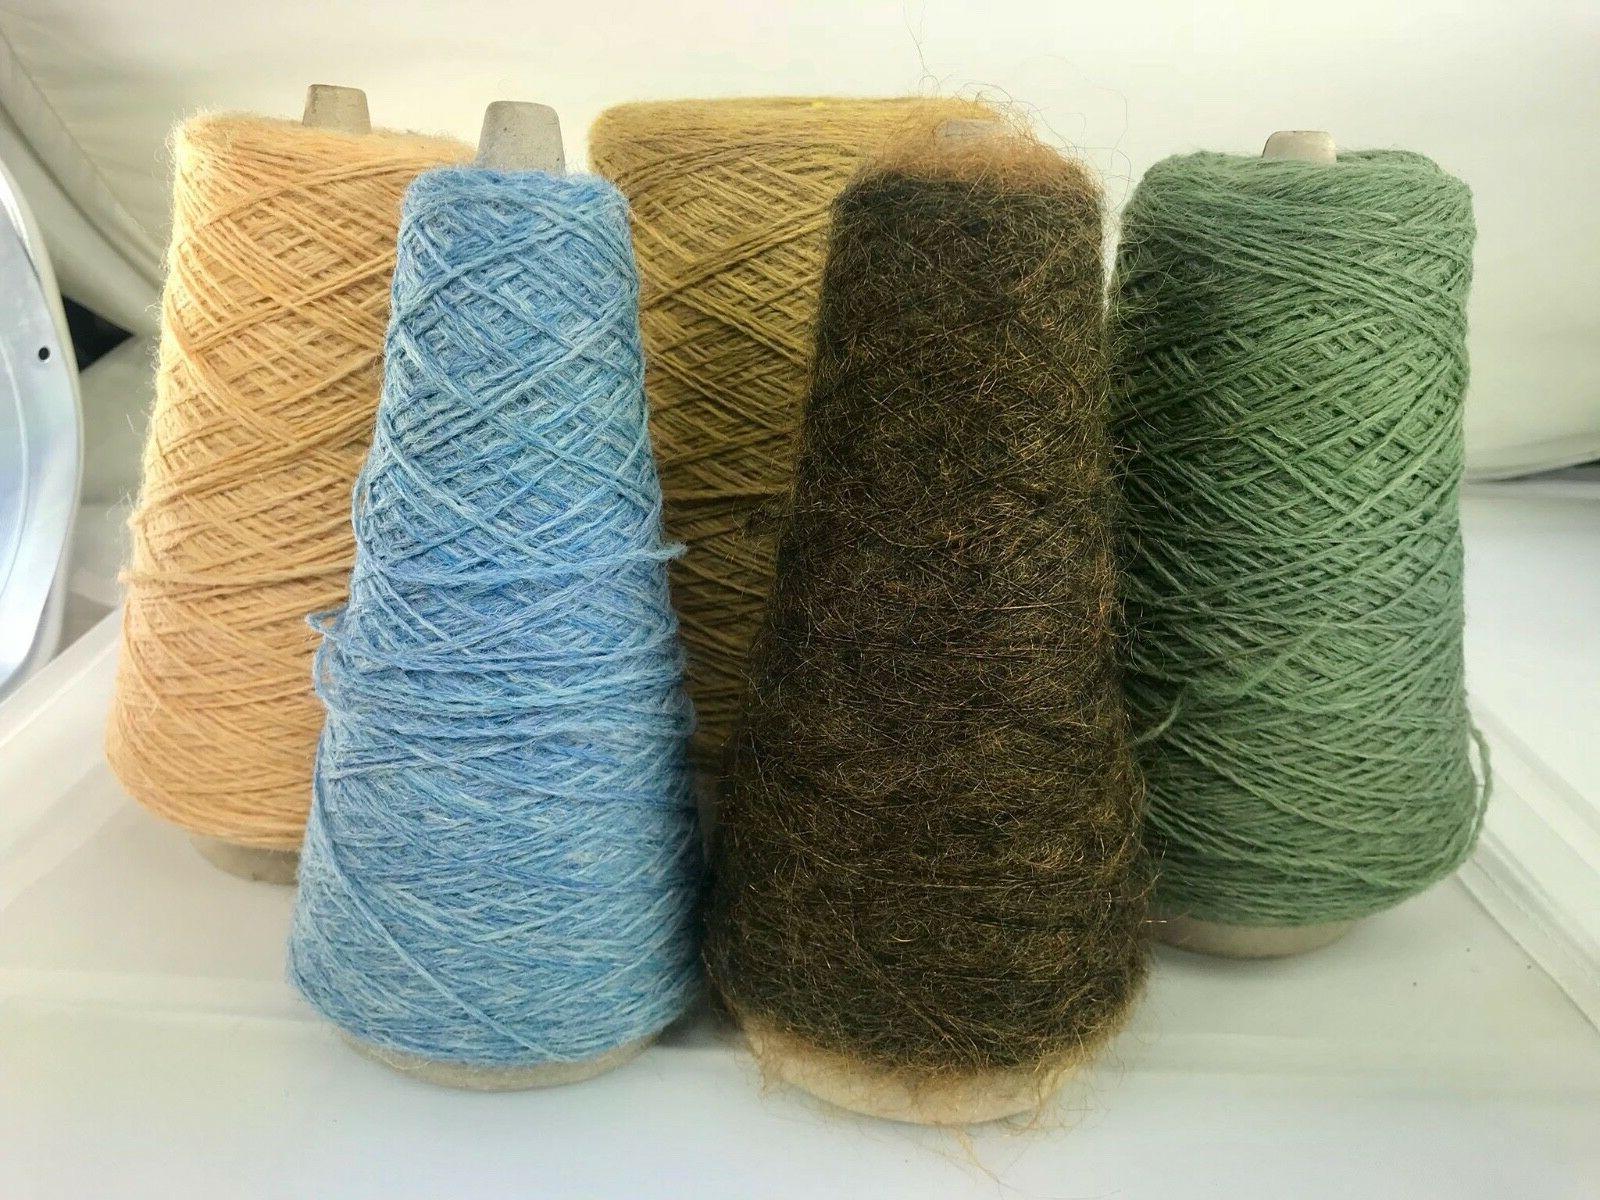 yarn 5 dollars a pound